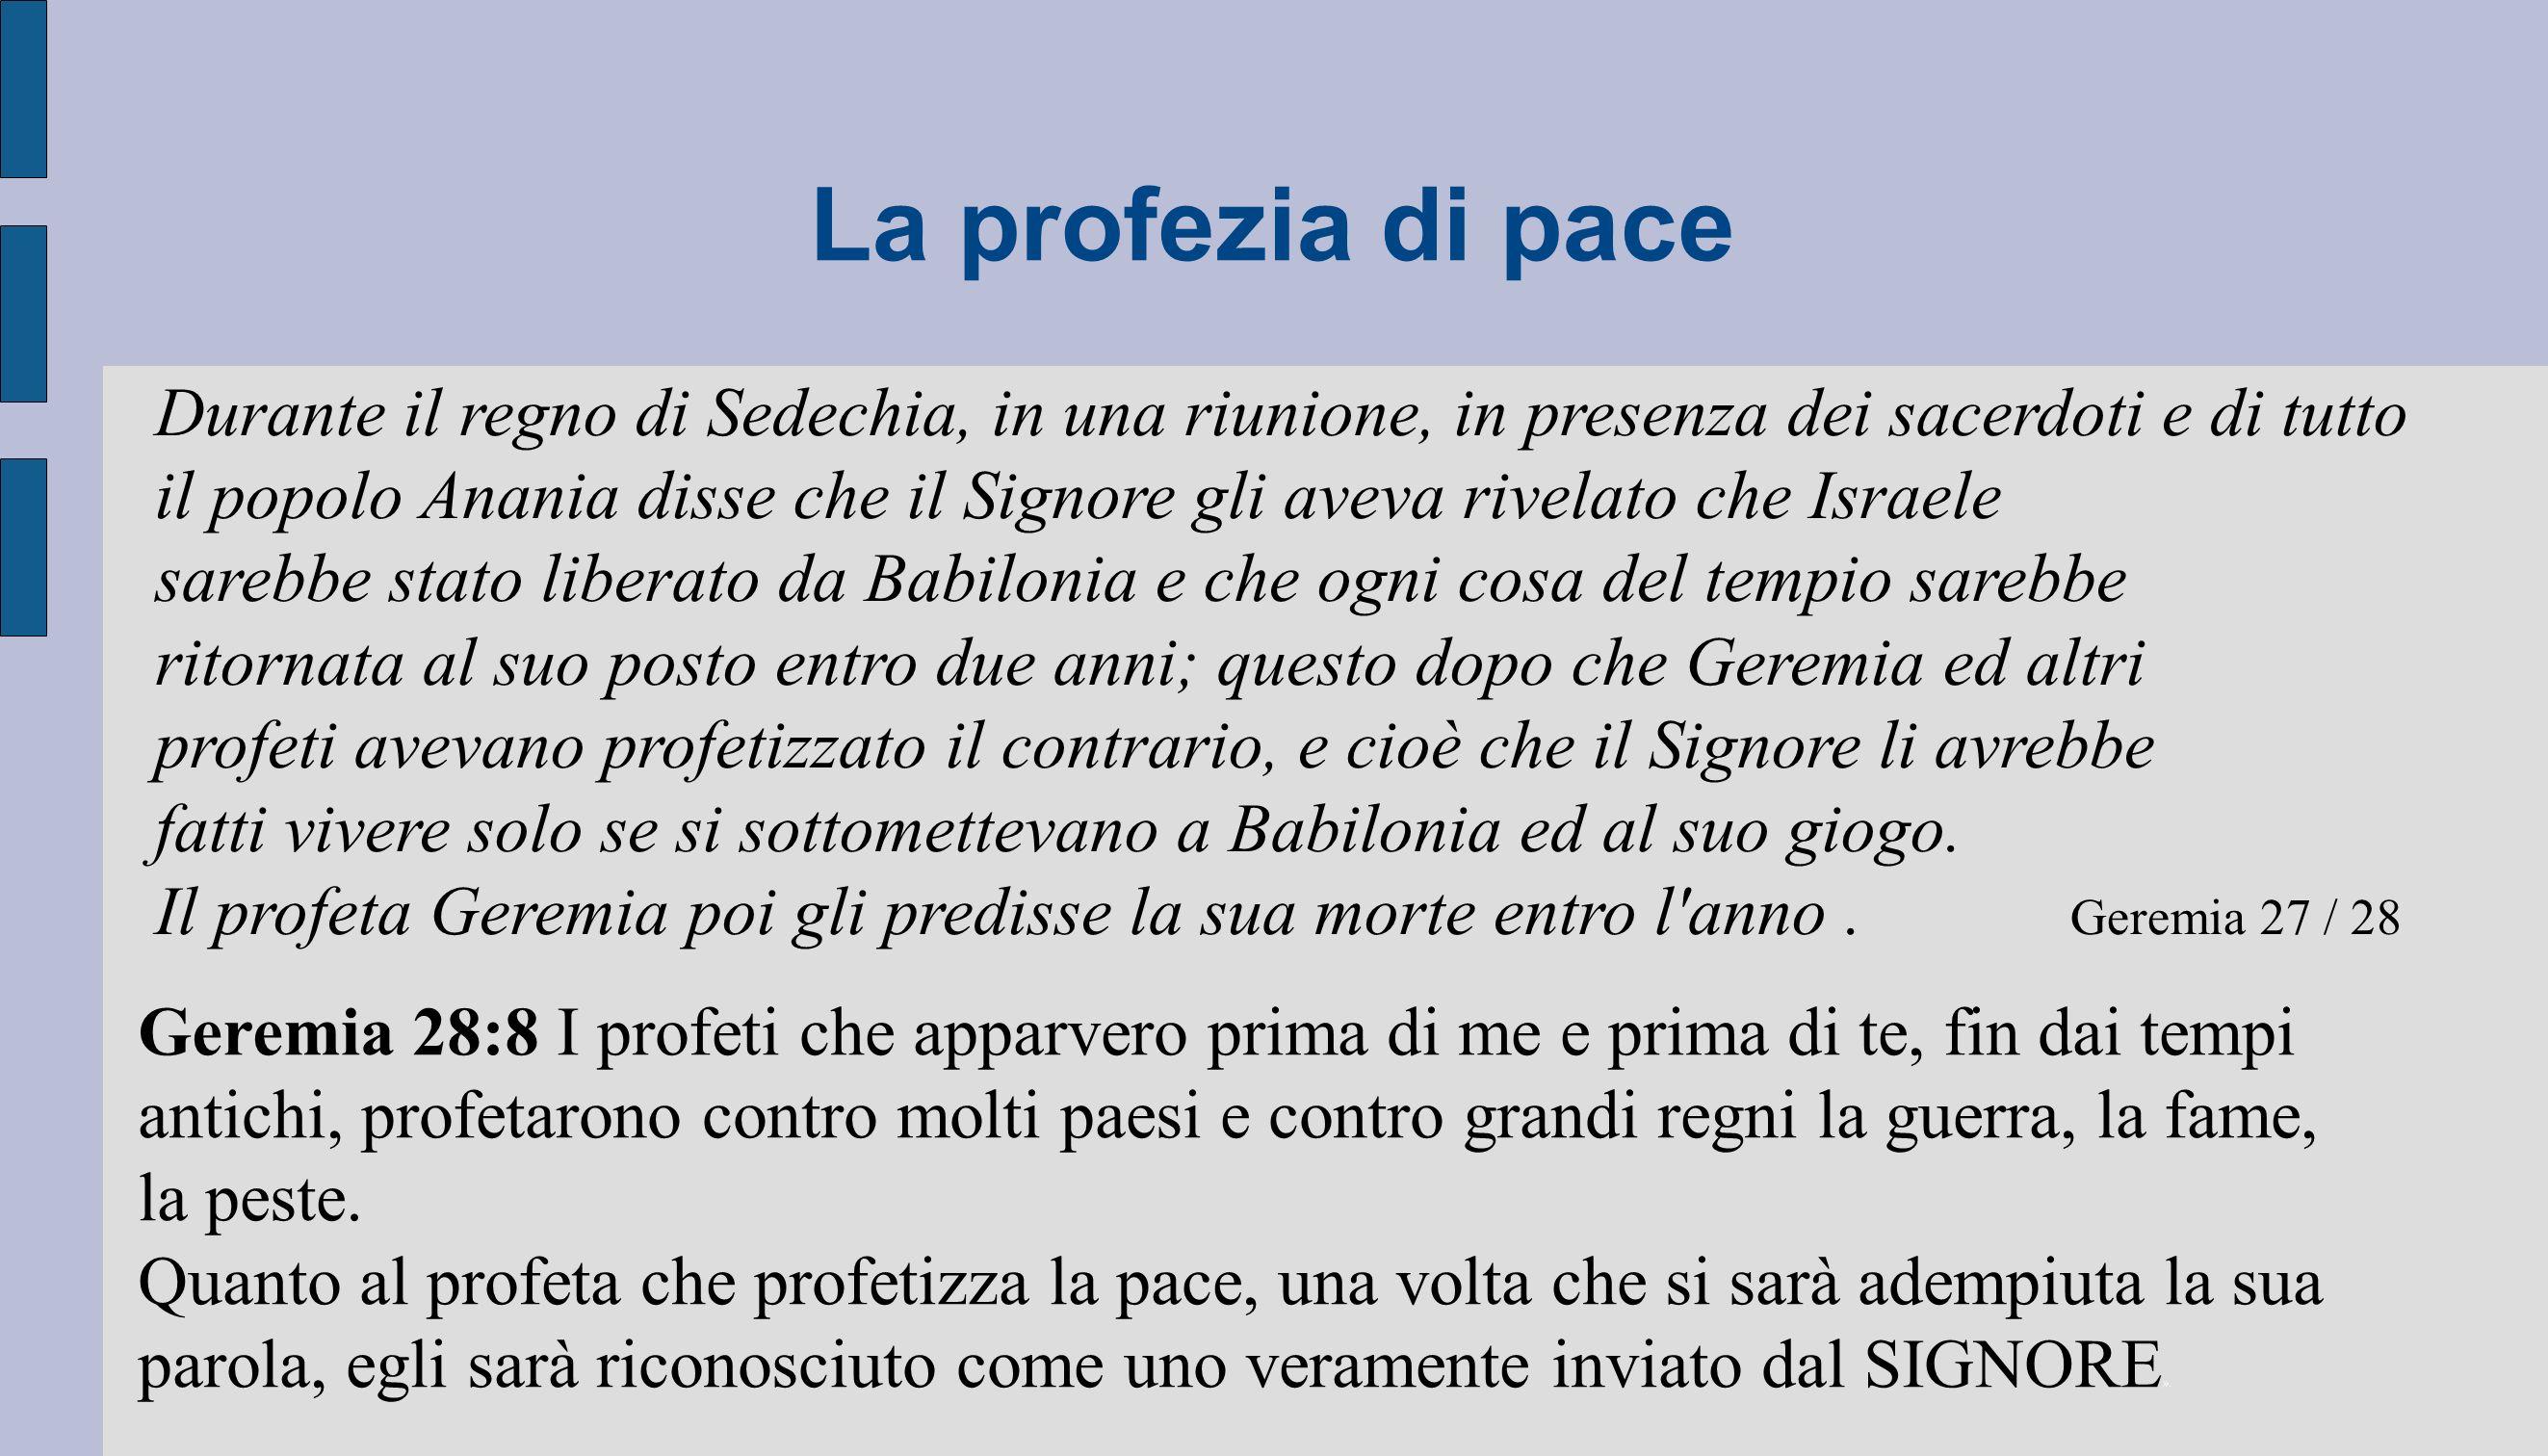 La profezia di pace Durante il regno di Sedechia, in una riunione, in presenza dei sacerdoti e di tutto il popolo Anania disse che il Signore gli avev